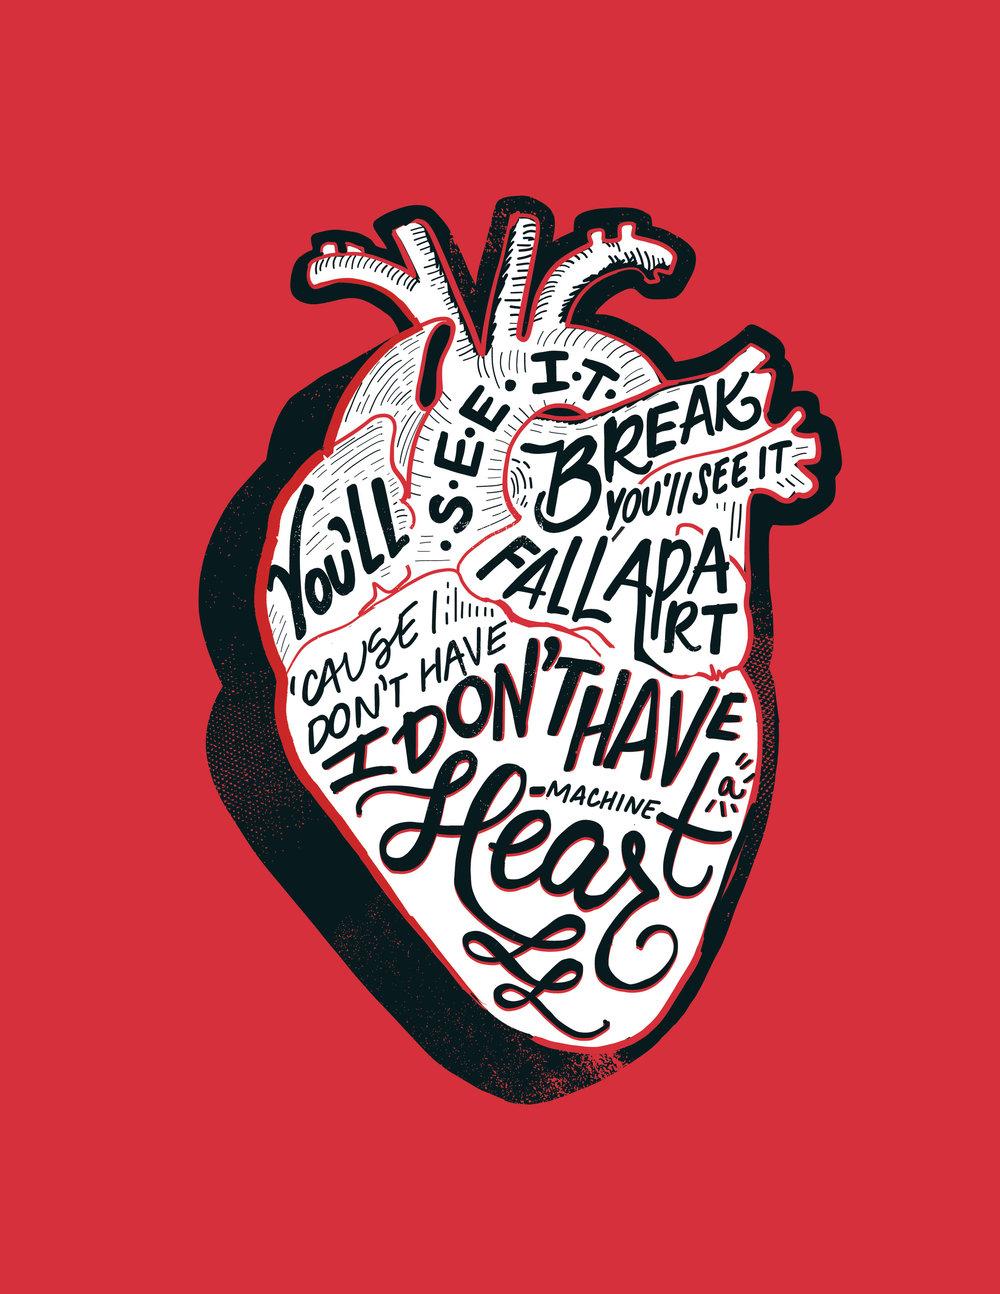 Machine Heart -